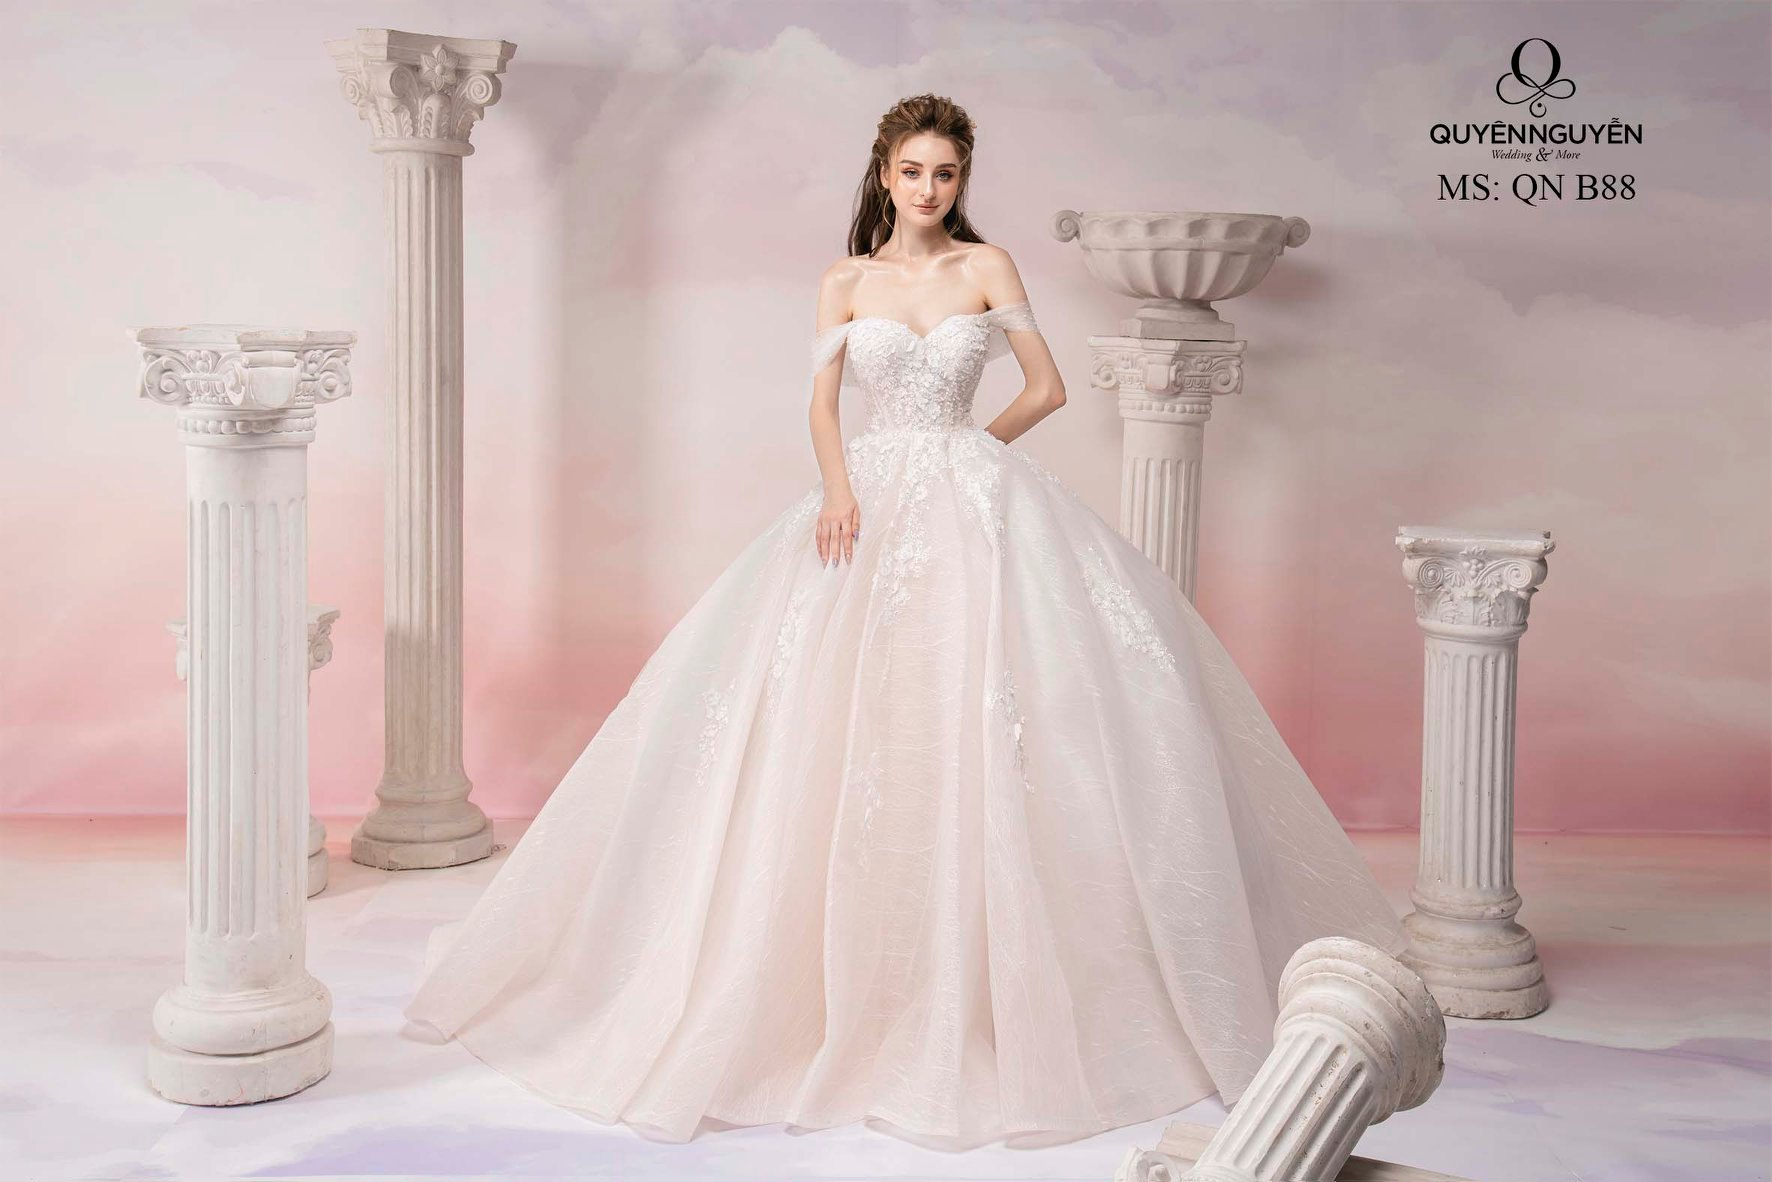 Váy cưới ren trễ vai xòe bồng QNB88